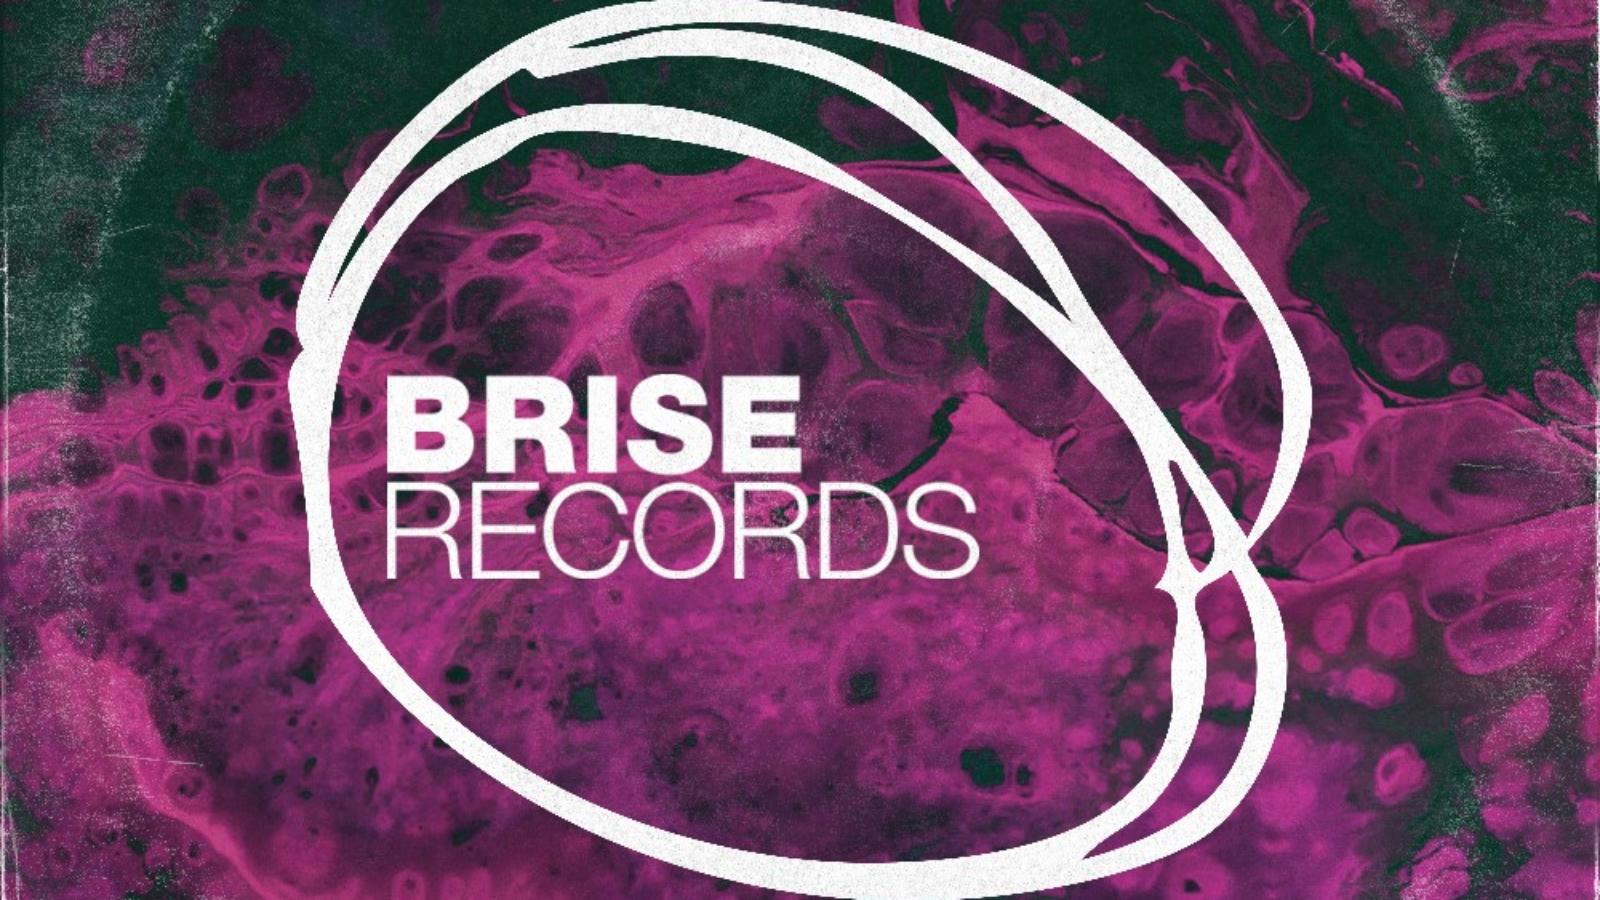 Brise126